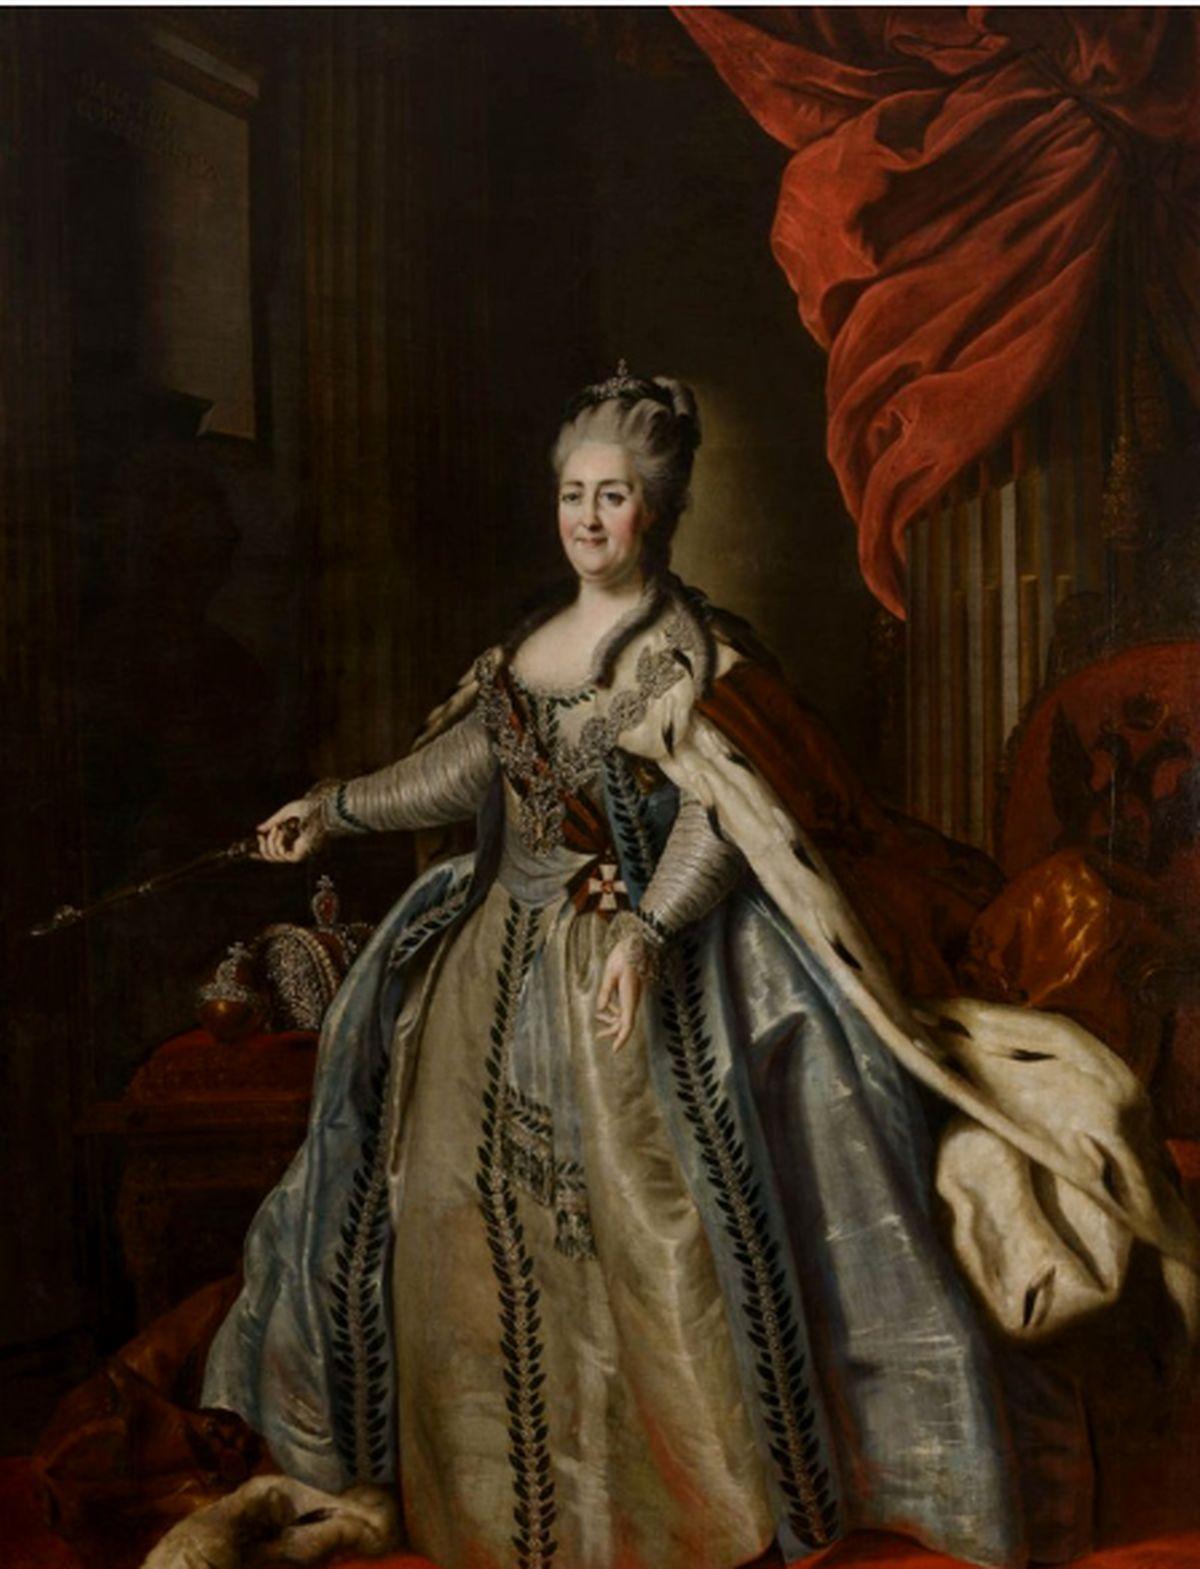 ۵ فرمانروای قدرتمند زن در طول تاریخ + عکس